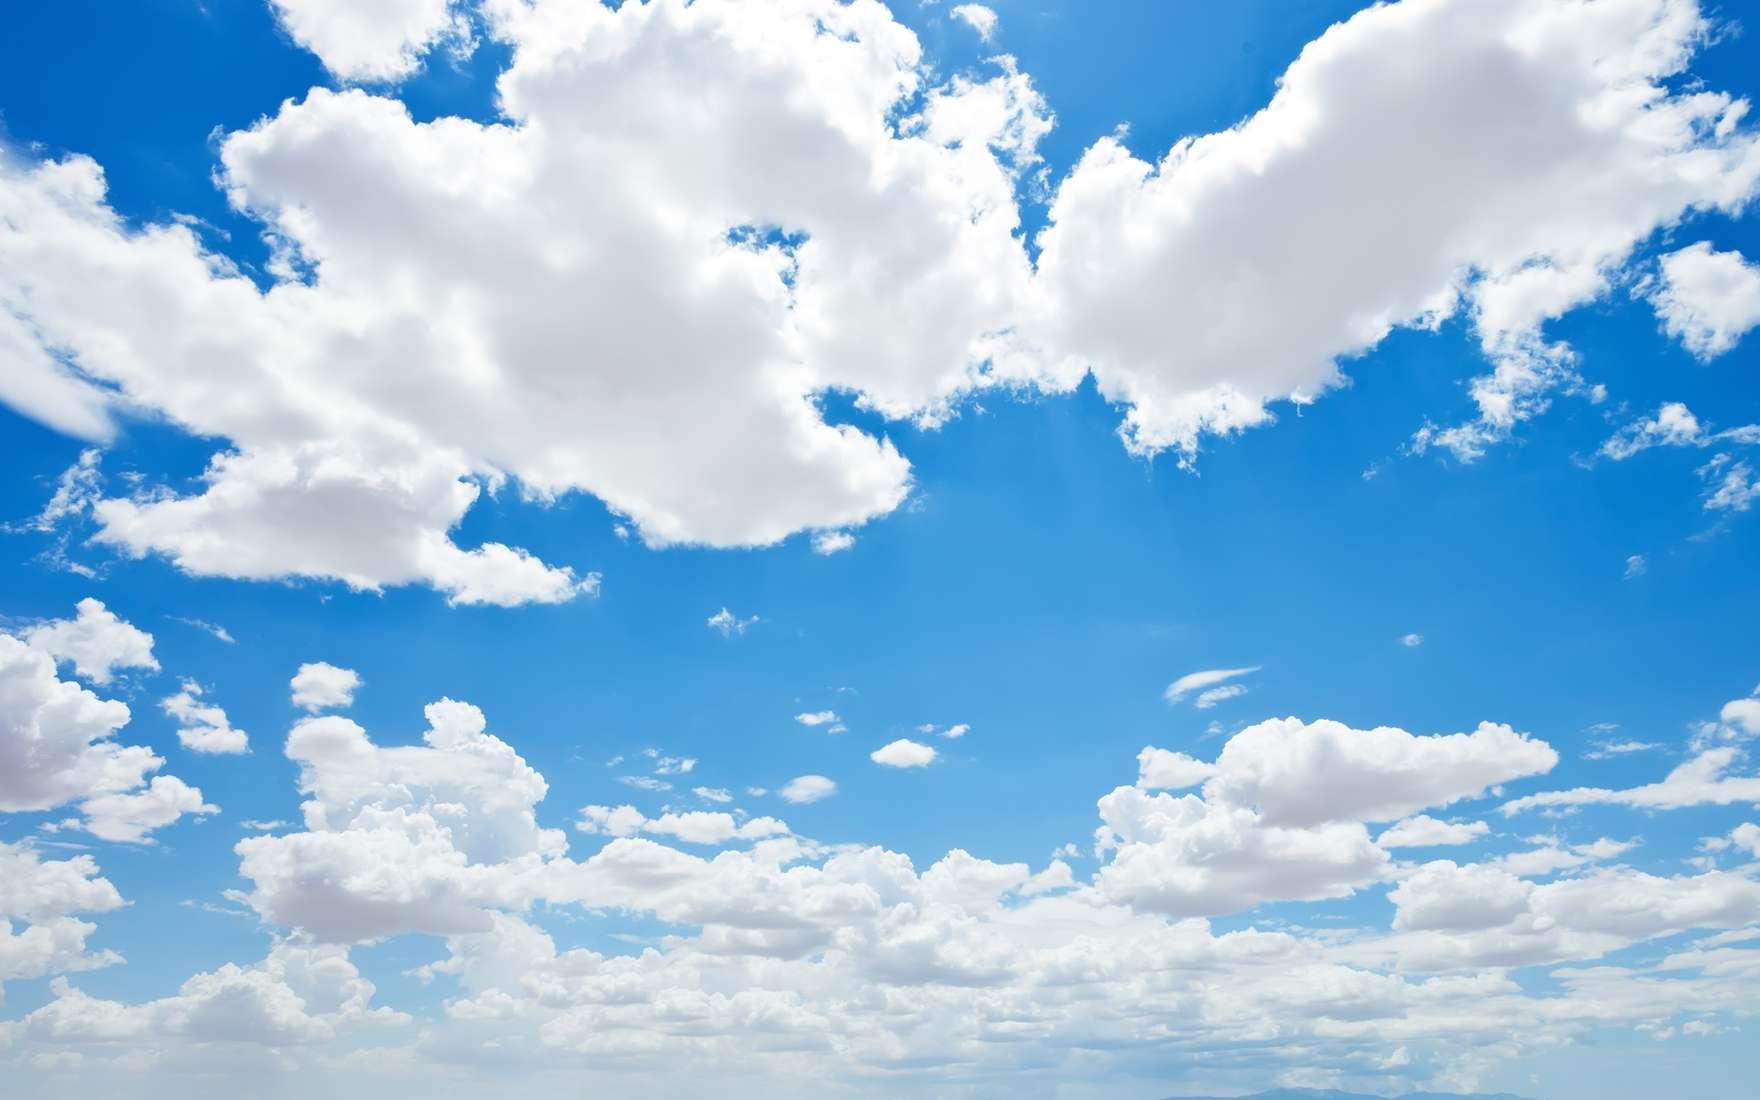 L'air que l'on respire est-il dangereux pour nos poumons ? L'étude montre qu'en altitude, où l'oxygène se raréfie, les cas de cancers du poumon sont moins fréquents que dans des zones plus basses. © mbolina, Fotolia